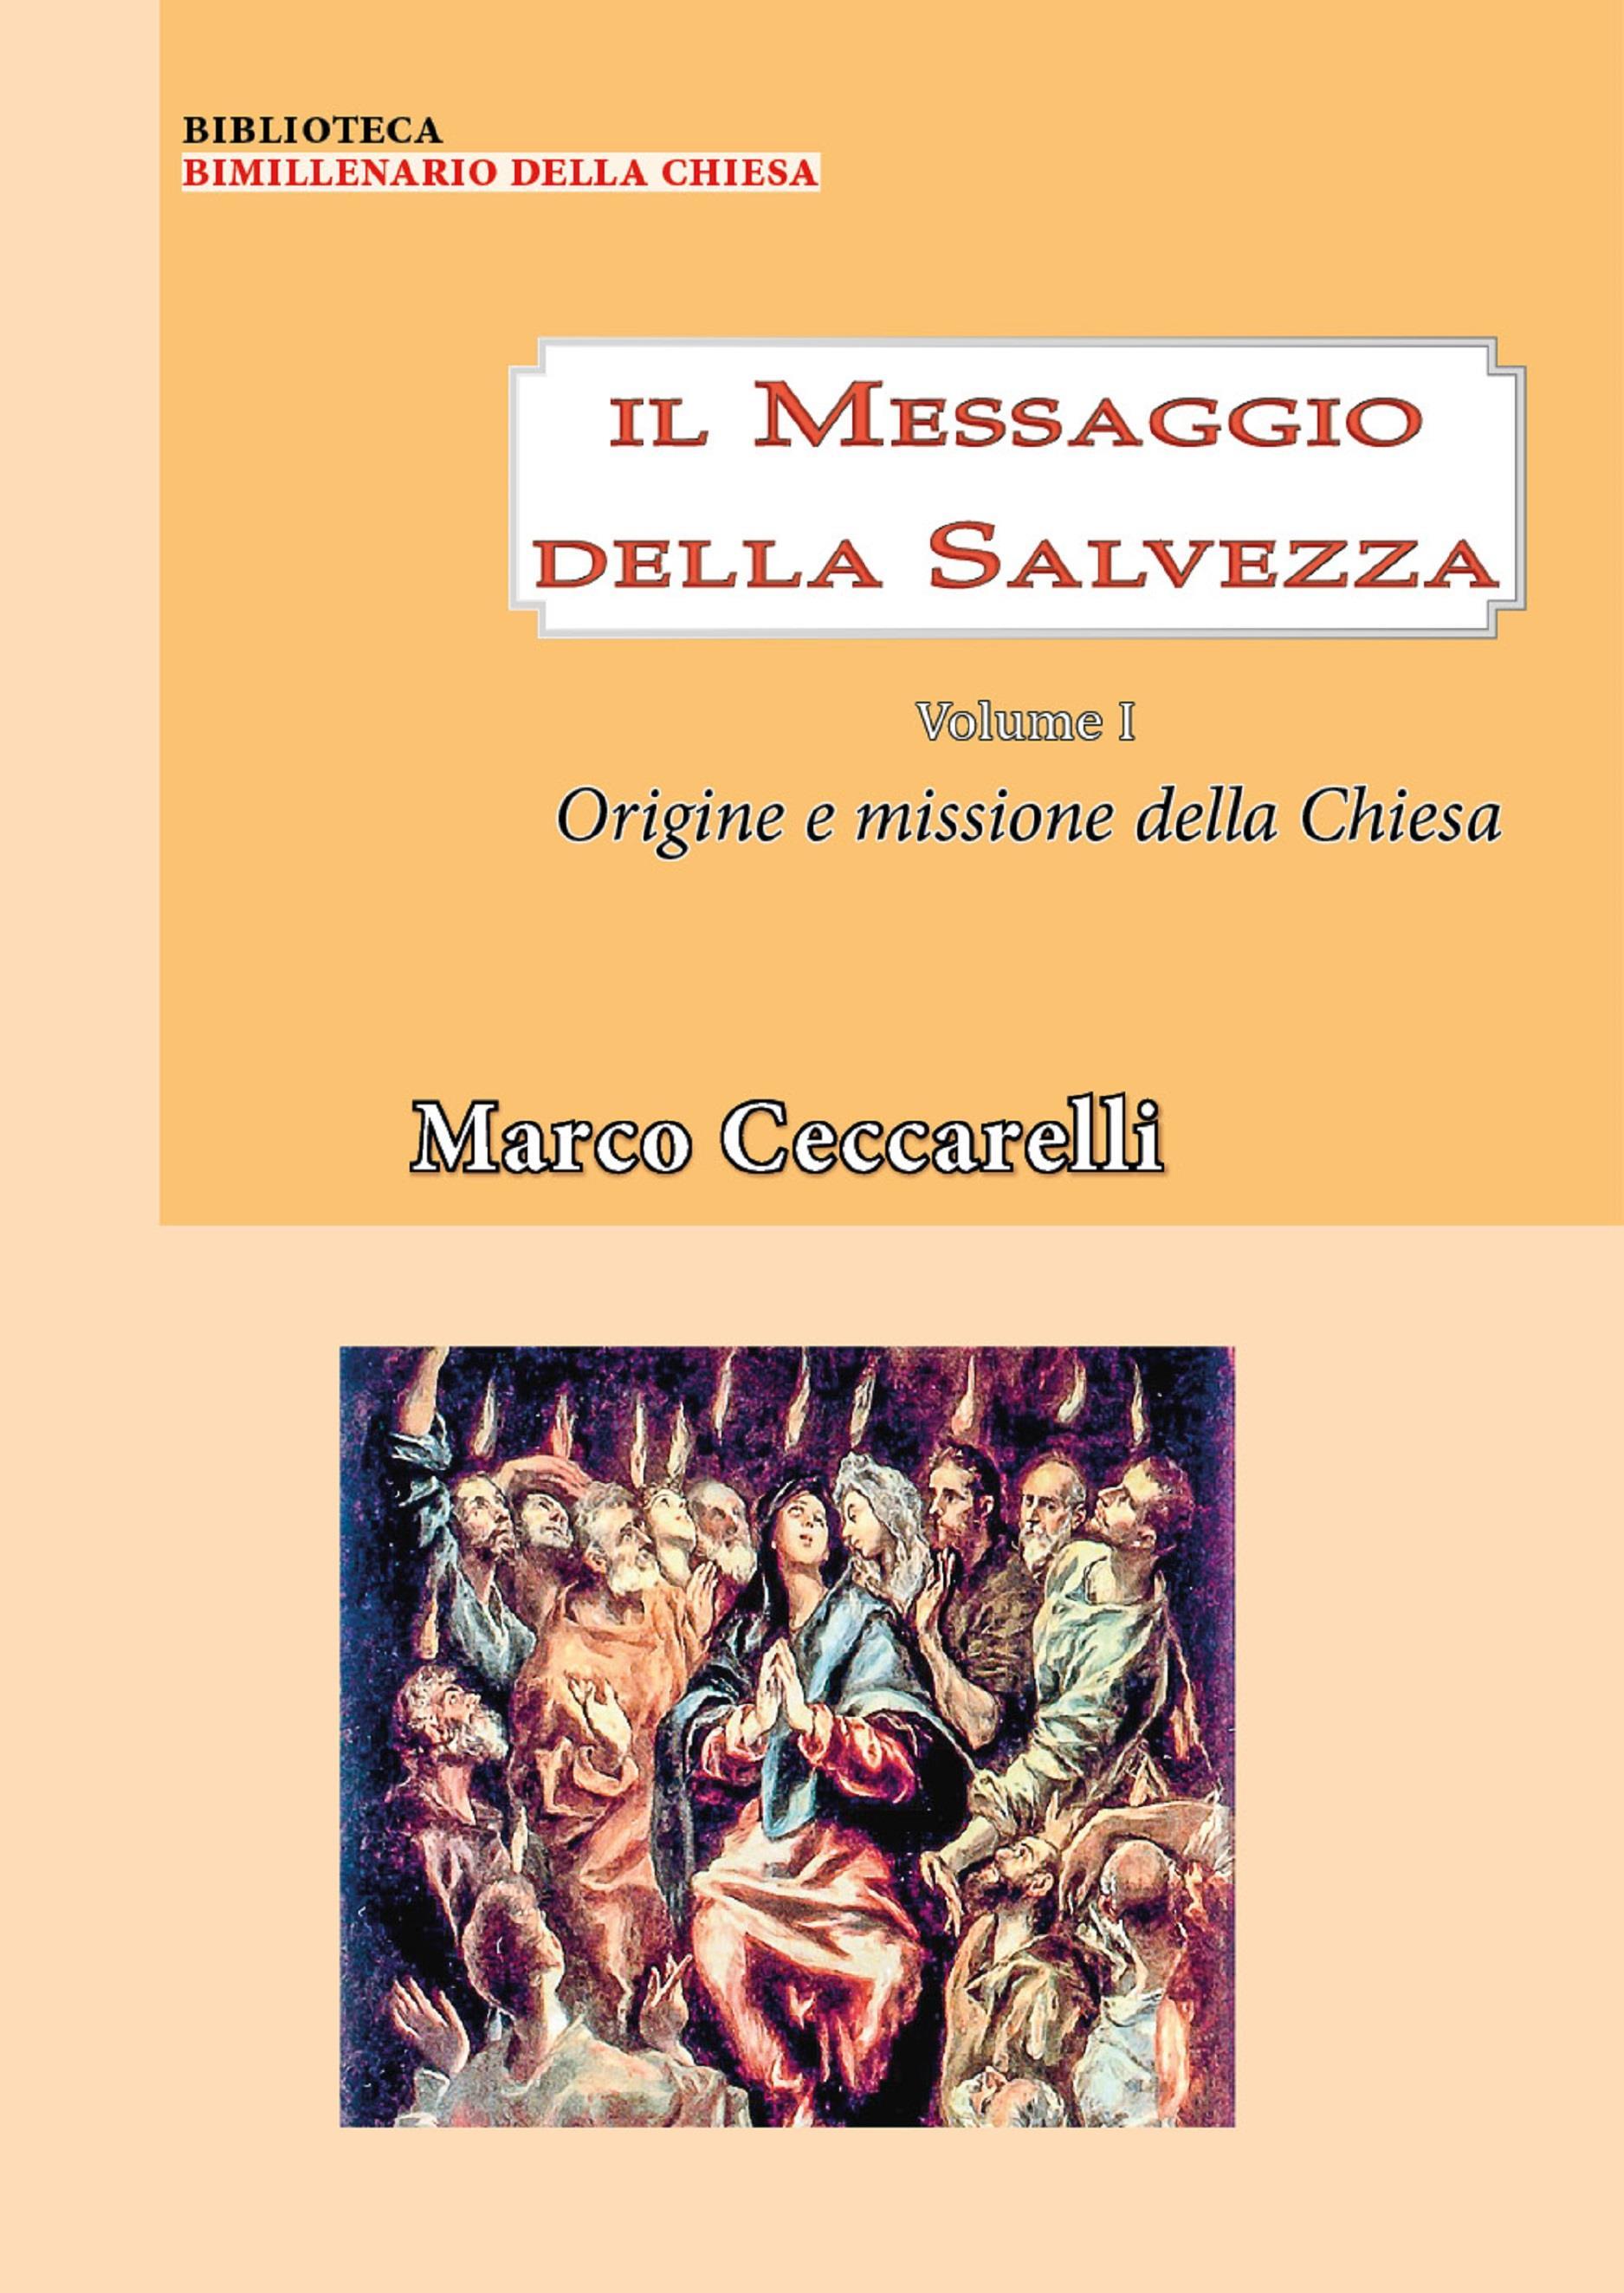 Il messaggio della salvezza Vol. 1: Origine e missione della chiesa